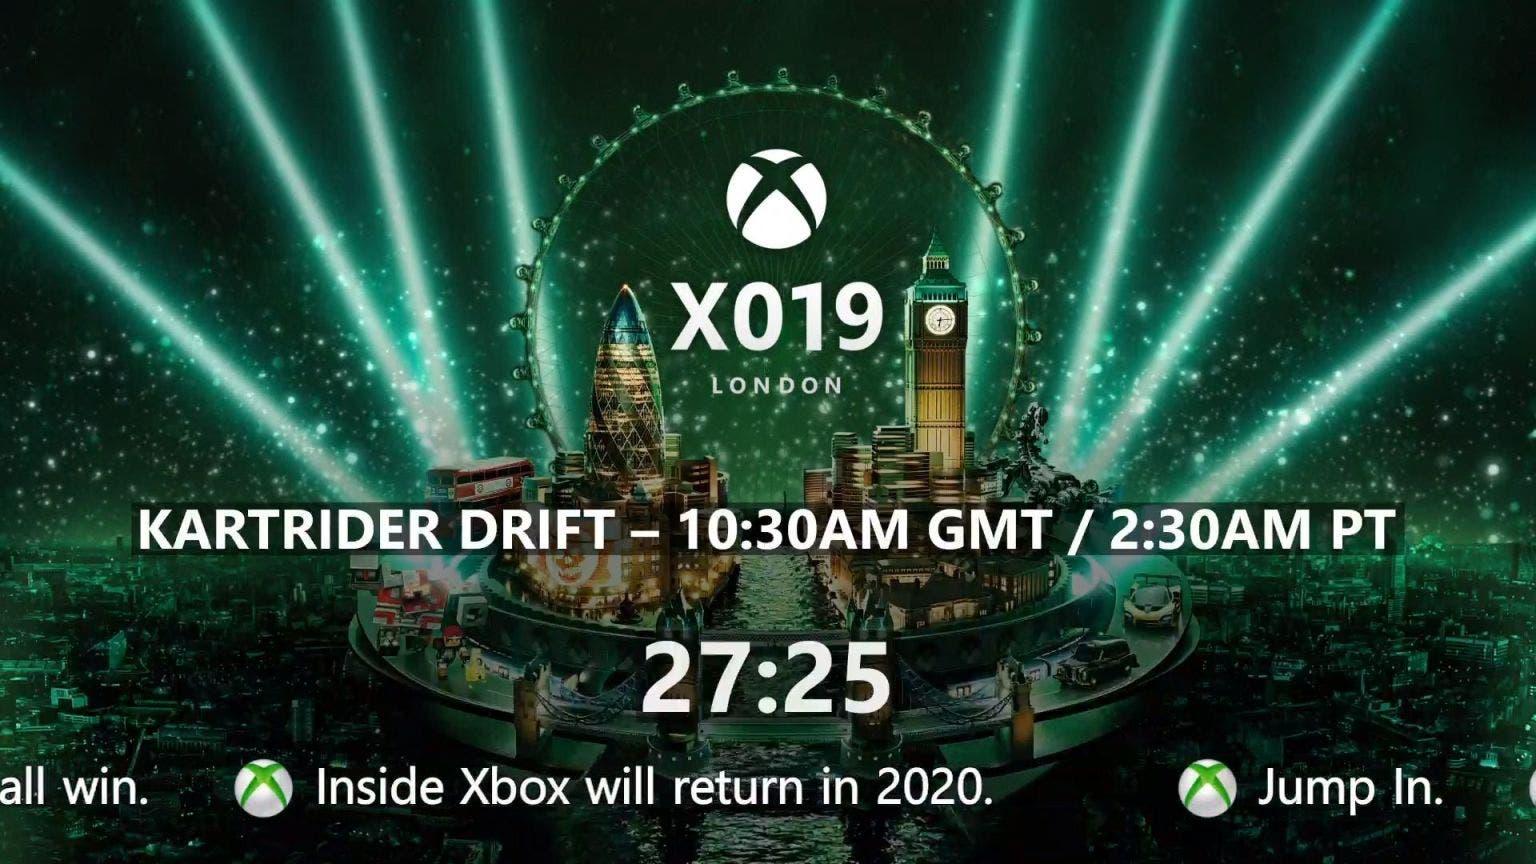 No habrá más programas de Inside Xbox este año